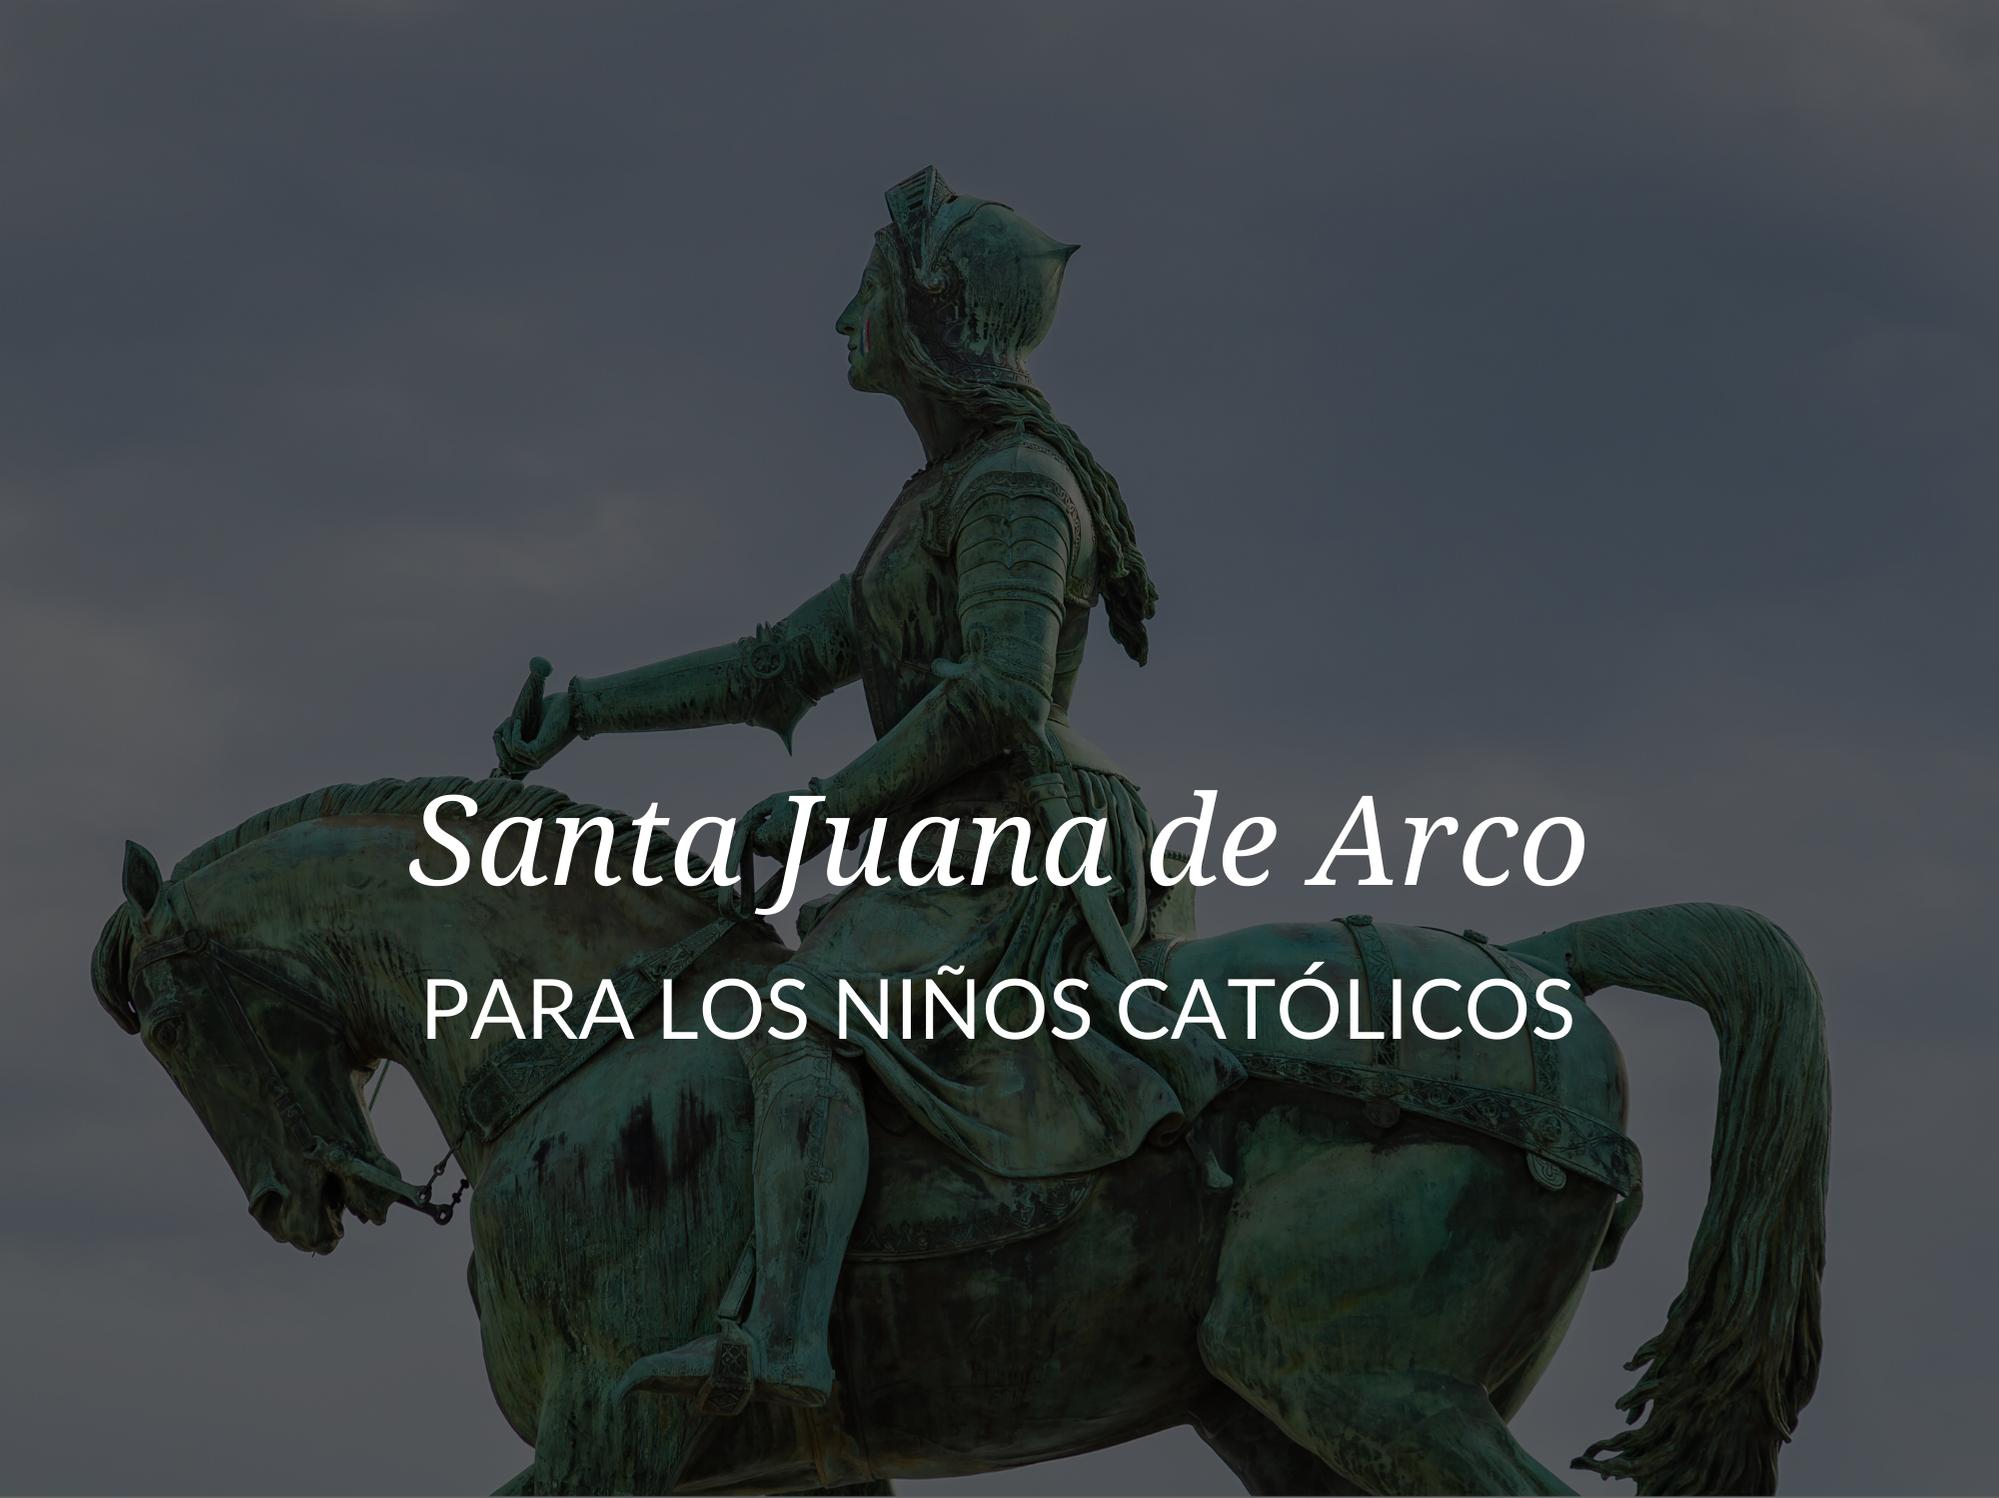 ¡En este artículo, exploraremos a otra santa popular para niños, santa Juana de Arco!